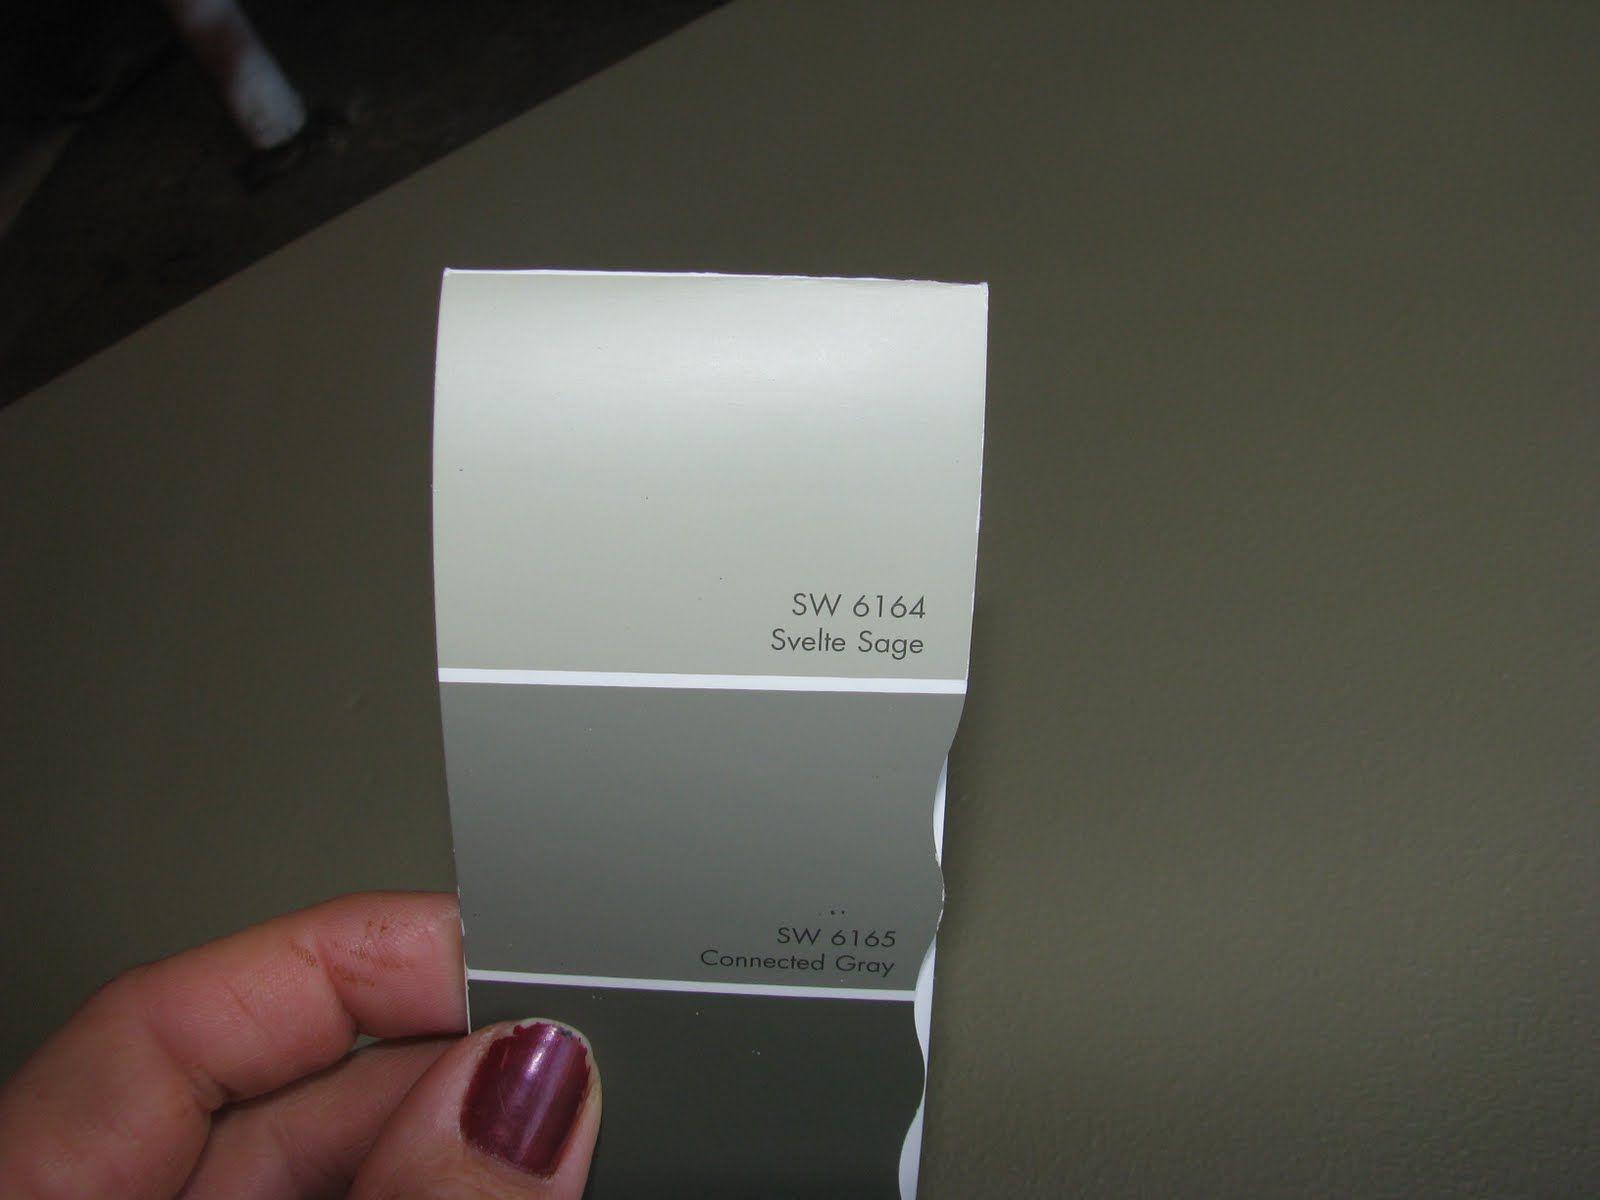 behr svelte sage Paint Colors Spare bathroom color   spare bedroom   office  blue. behr svelte sage Paint Colors Spare bathroom color   spare bedroom